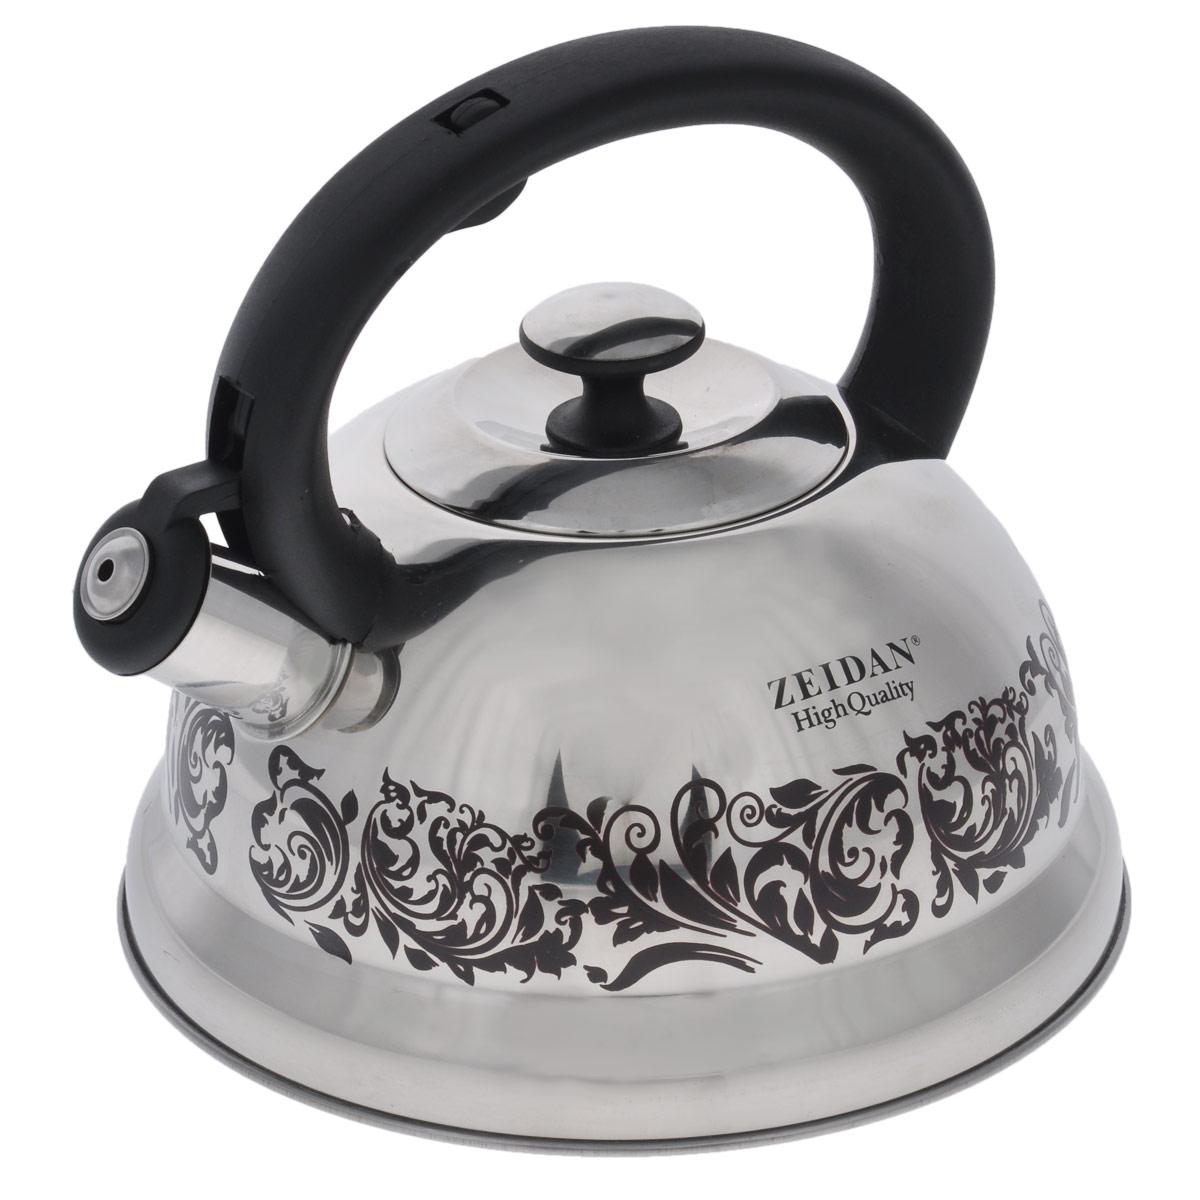 Чайник Zeidan со свистком, цвет: черный, 3 лZ-4087Чайник Zeidan изготовлен из высококачественной нержавеющей стали. Этот материал отличается высокой экологической чистотой и сохраняет прекрасный внешний вид много лет. Корпус чайника имеет зеркальную полировку и оформлен оригинальным орнаментом. Свисток на носике сообщит вам, когда вода закипит, уровень громкости свистка будет зависеть от степени закипания воды. Эргономичная и надежная ручка из бакелита не нагревается. Металлическая крышка плотно и герметично закрывает чайник. Благодаря своей конструкции трехслойное капсульное дно с алюминиевой прослойкой способно аккумулировать, а также быстро и равномерно распределять тепловую энергию. Подходит для всех типов плит, включая индукционные. Можно мыть в посудомоечной машине. Диаметр чайника (по верхнему краю): 9,5 см. Высота чайника (с учетом ручки): 20,5 см. Высота чайника (без учета ручки): 11,5 см.